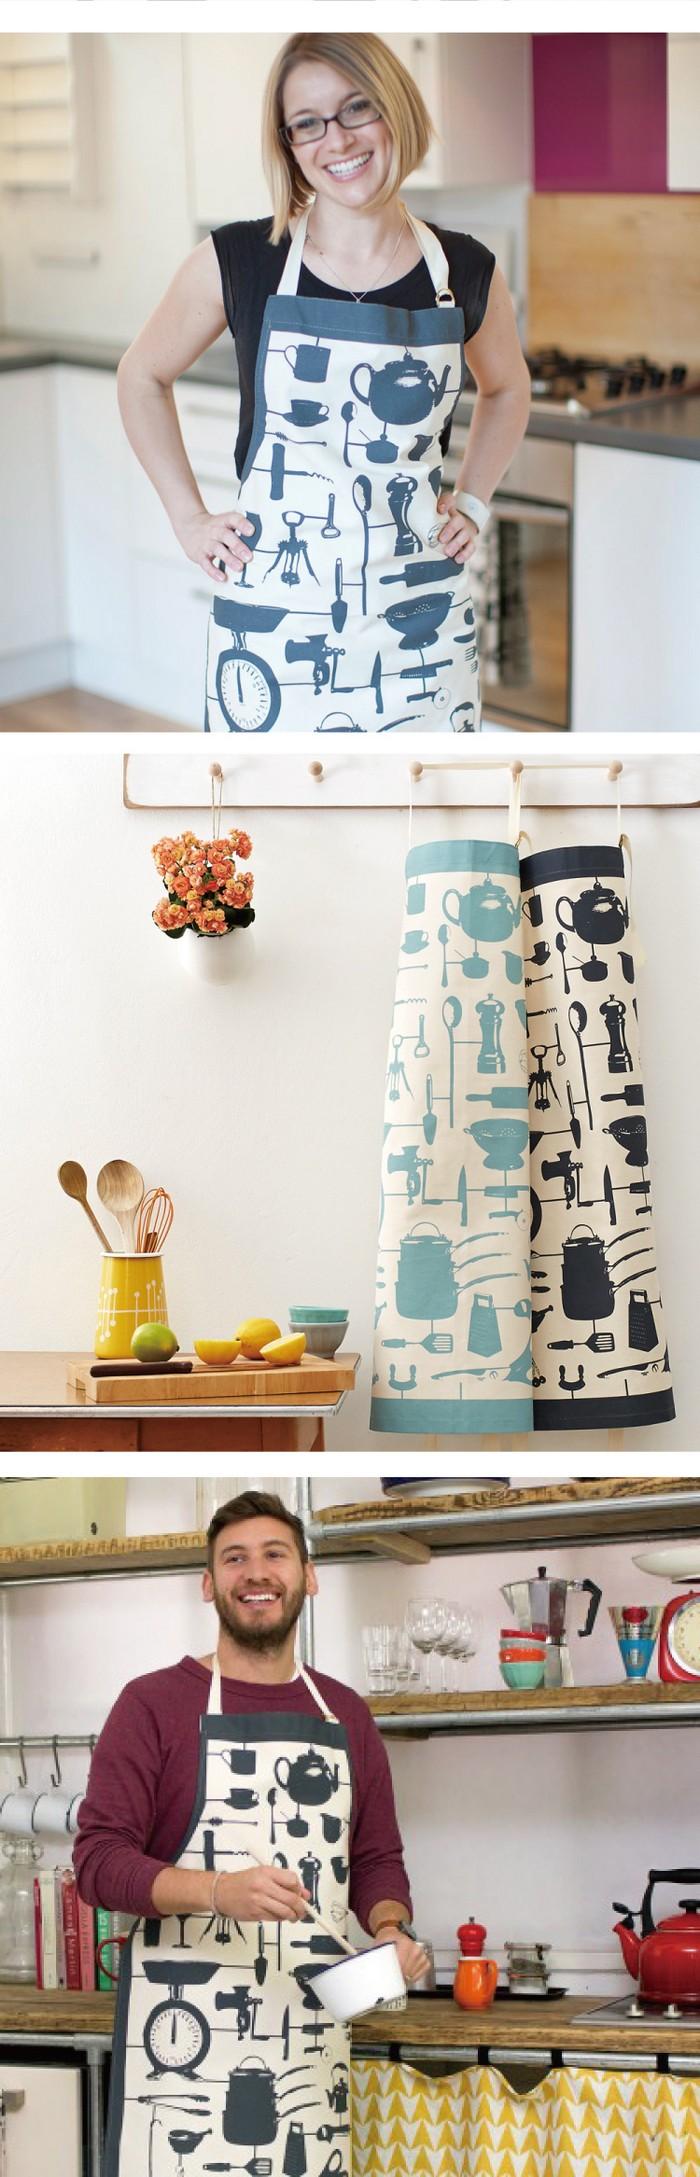 英國蛋 純棉圍裙 模型廚房